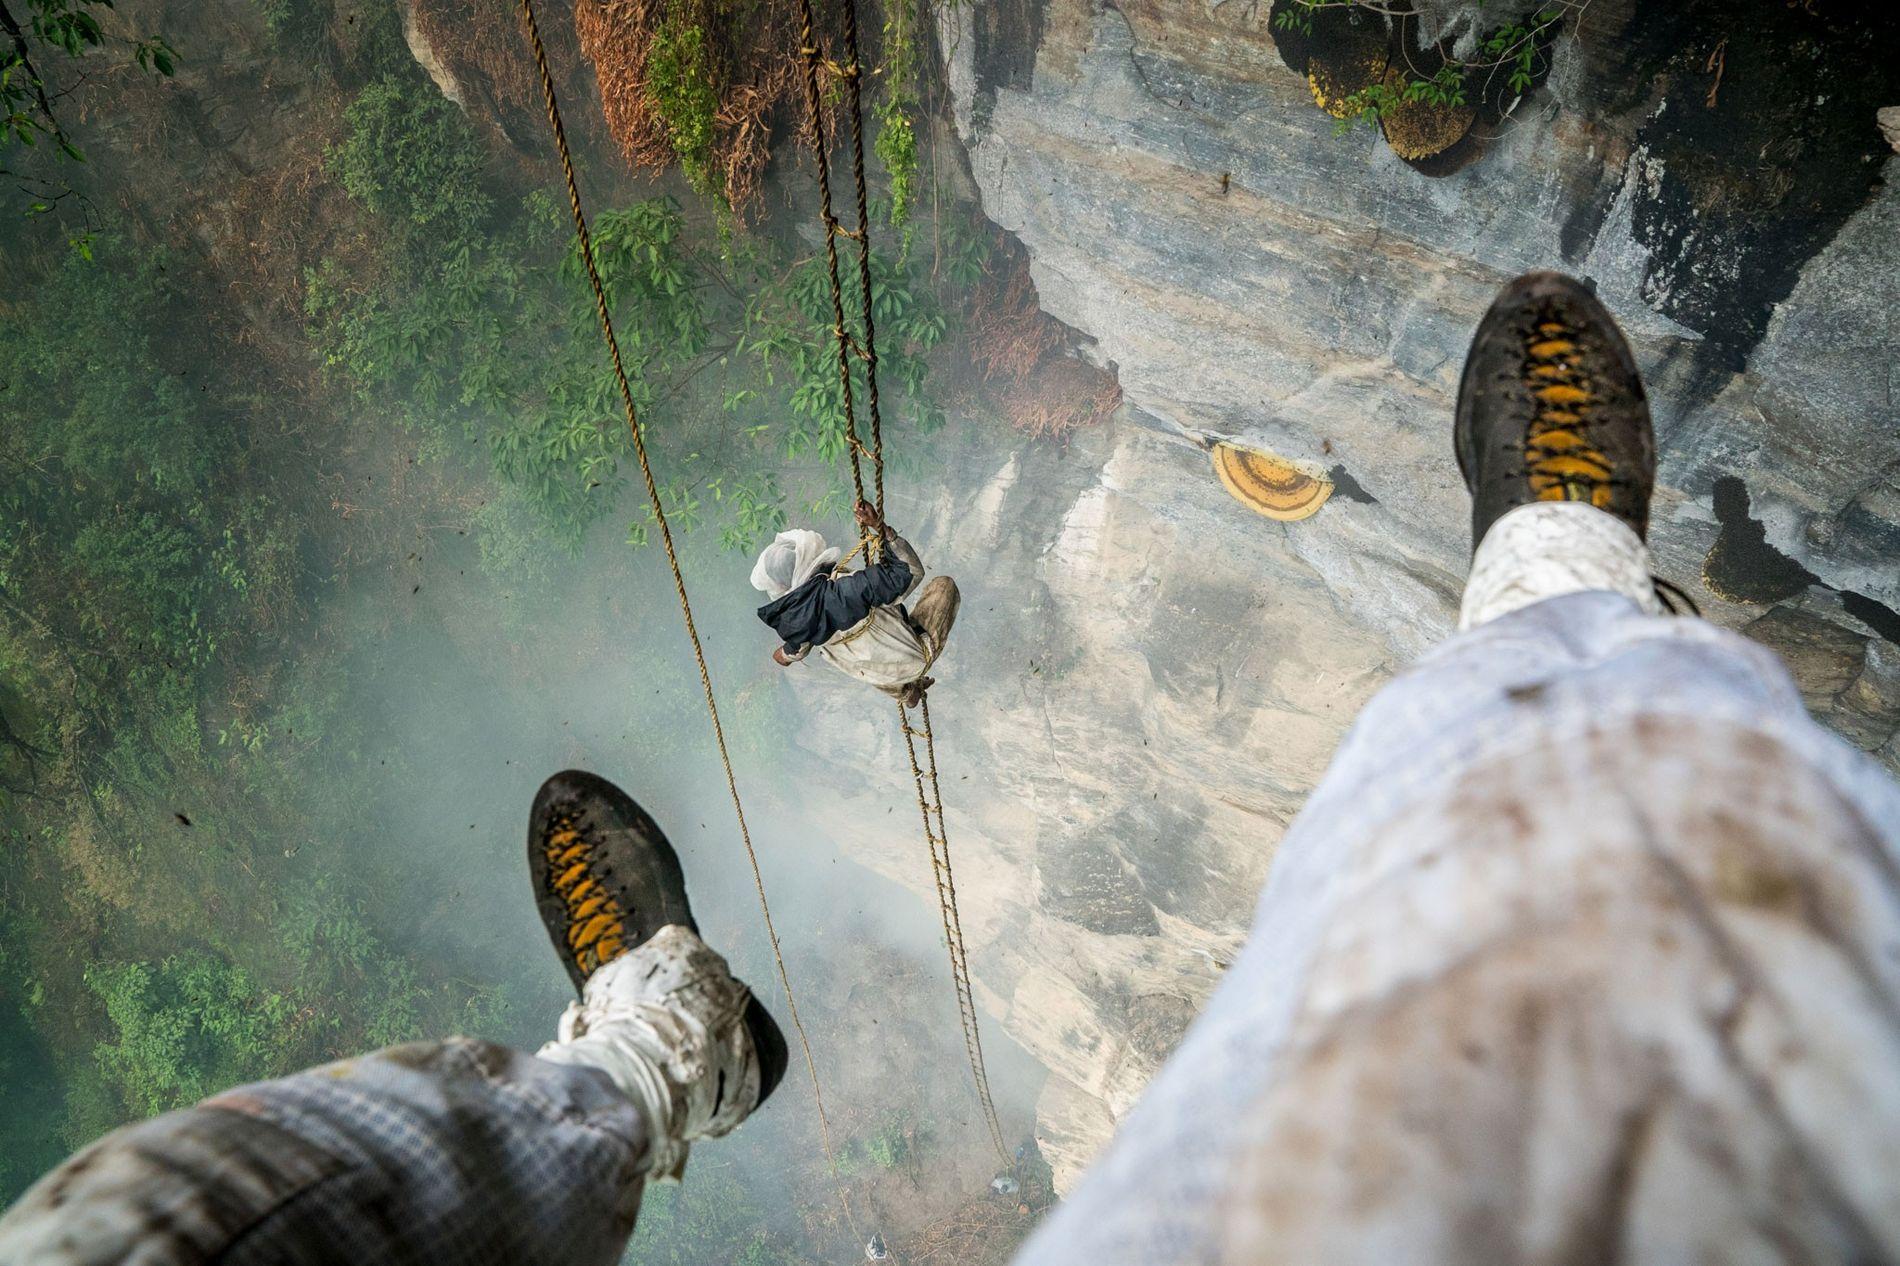 Renan Ozturk schoss dieses Foto, als er in der Luft an einem Seil hing. Der letzte Honigjäger Nepals, Mauli Dhan, erklimmt im Hintergrund die Felswand auf seiner handgemachten Strickleiter. Ozturk hat seine Fußgelenke mit Tape abgedichtet, damit keine Bienen unter seine Kleidung kriechen.